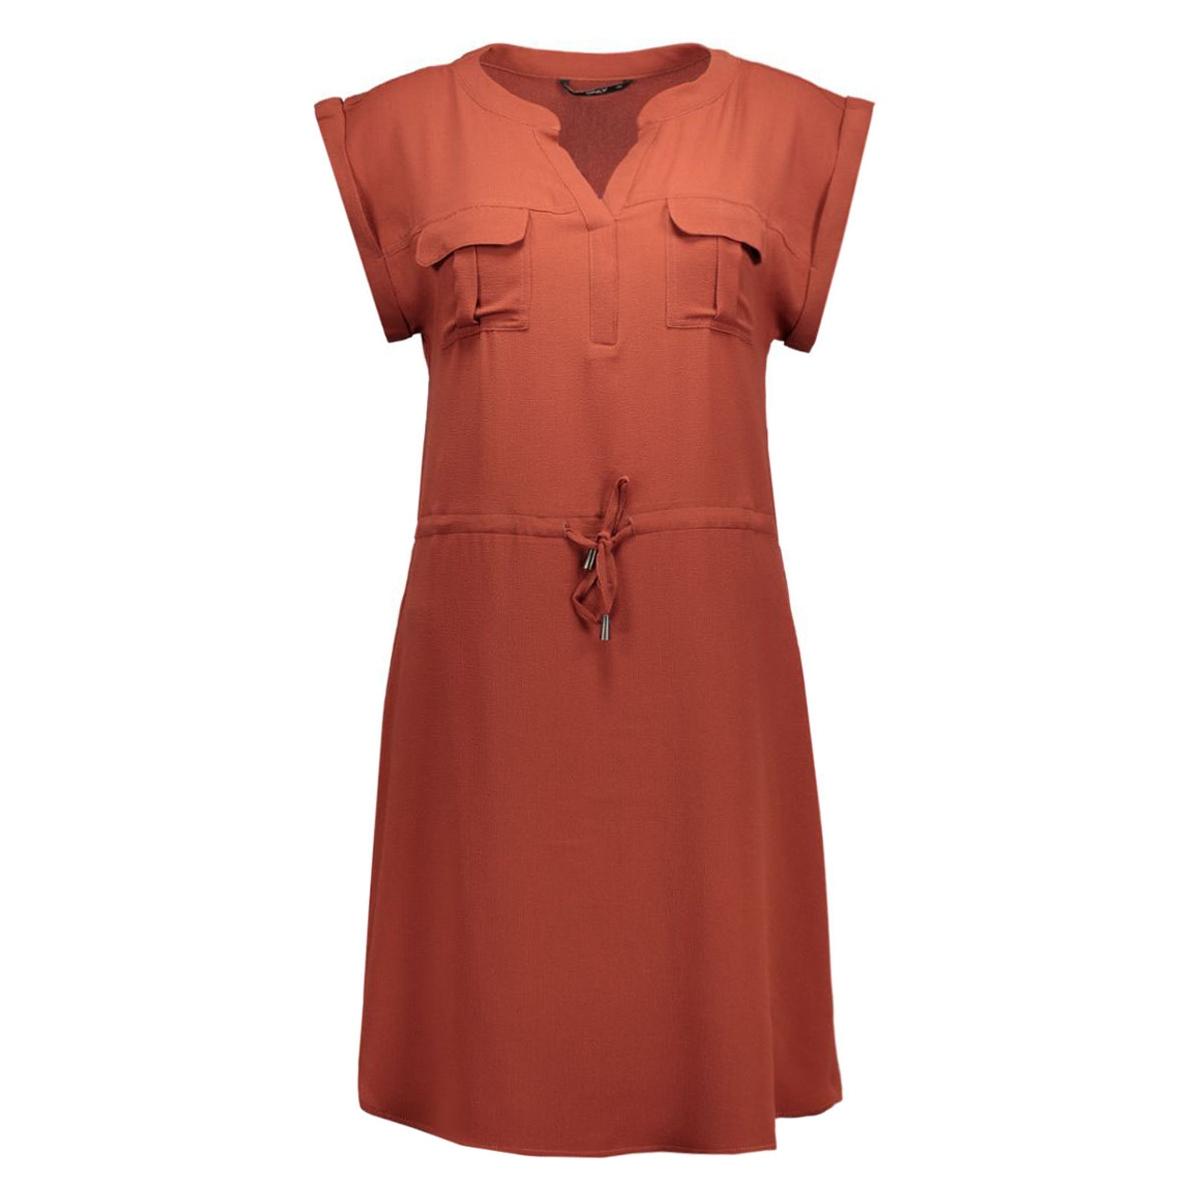 onlvertigo s/s short dress wvn 15123566 only jurk henna